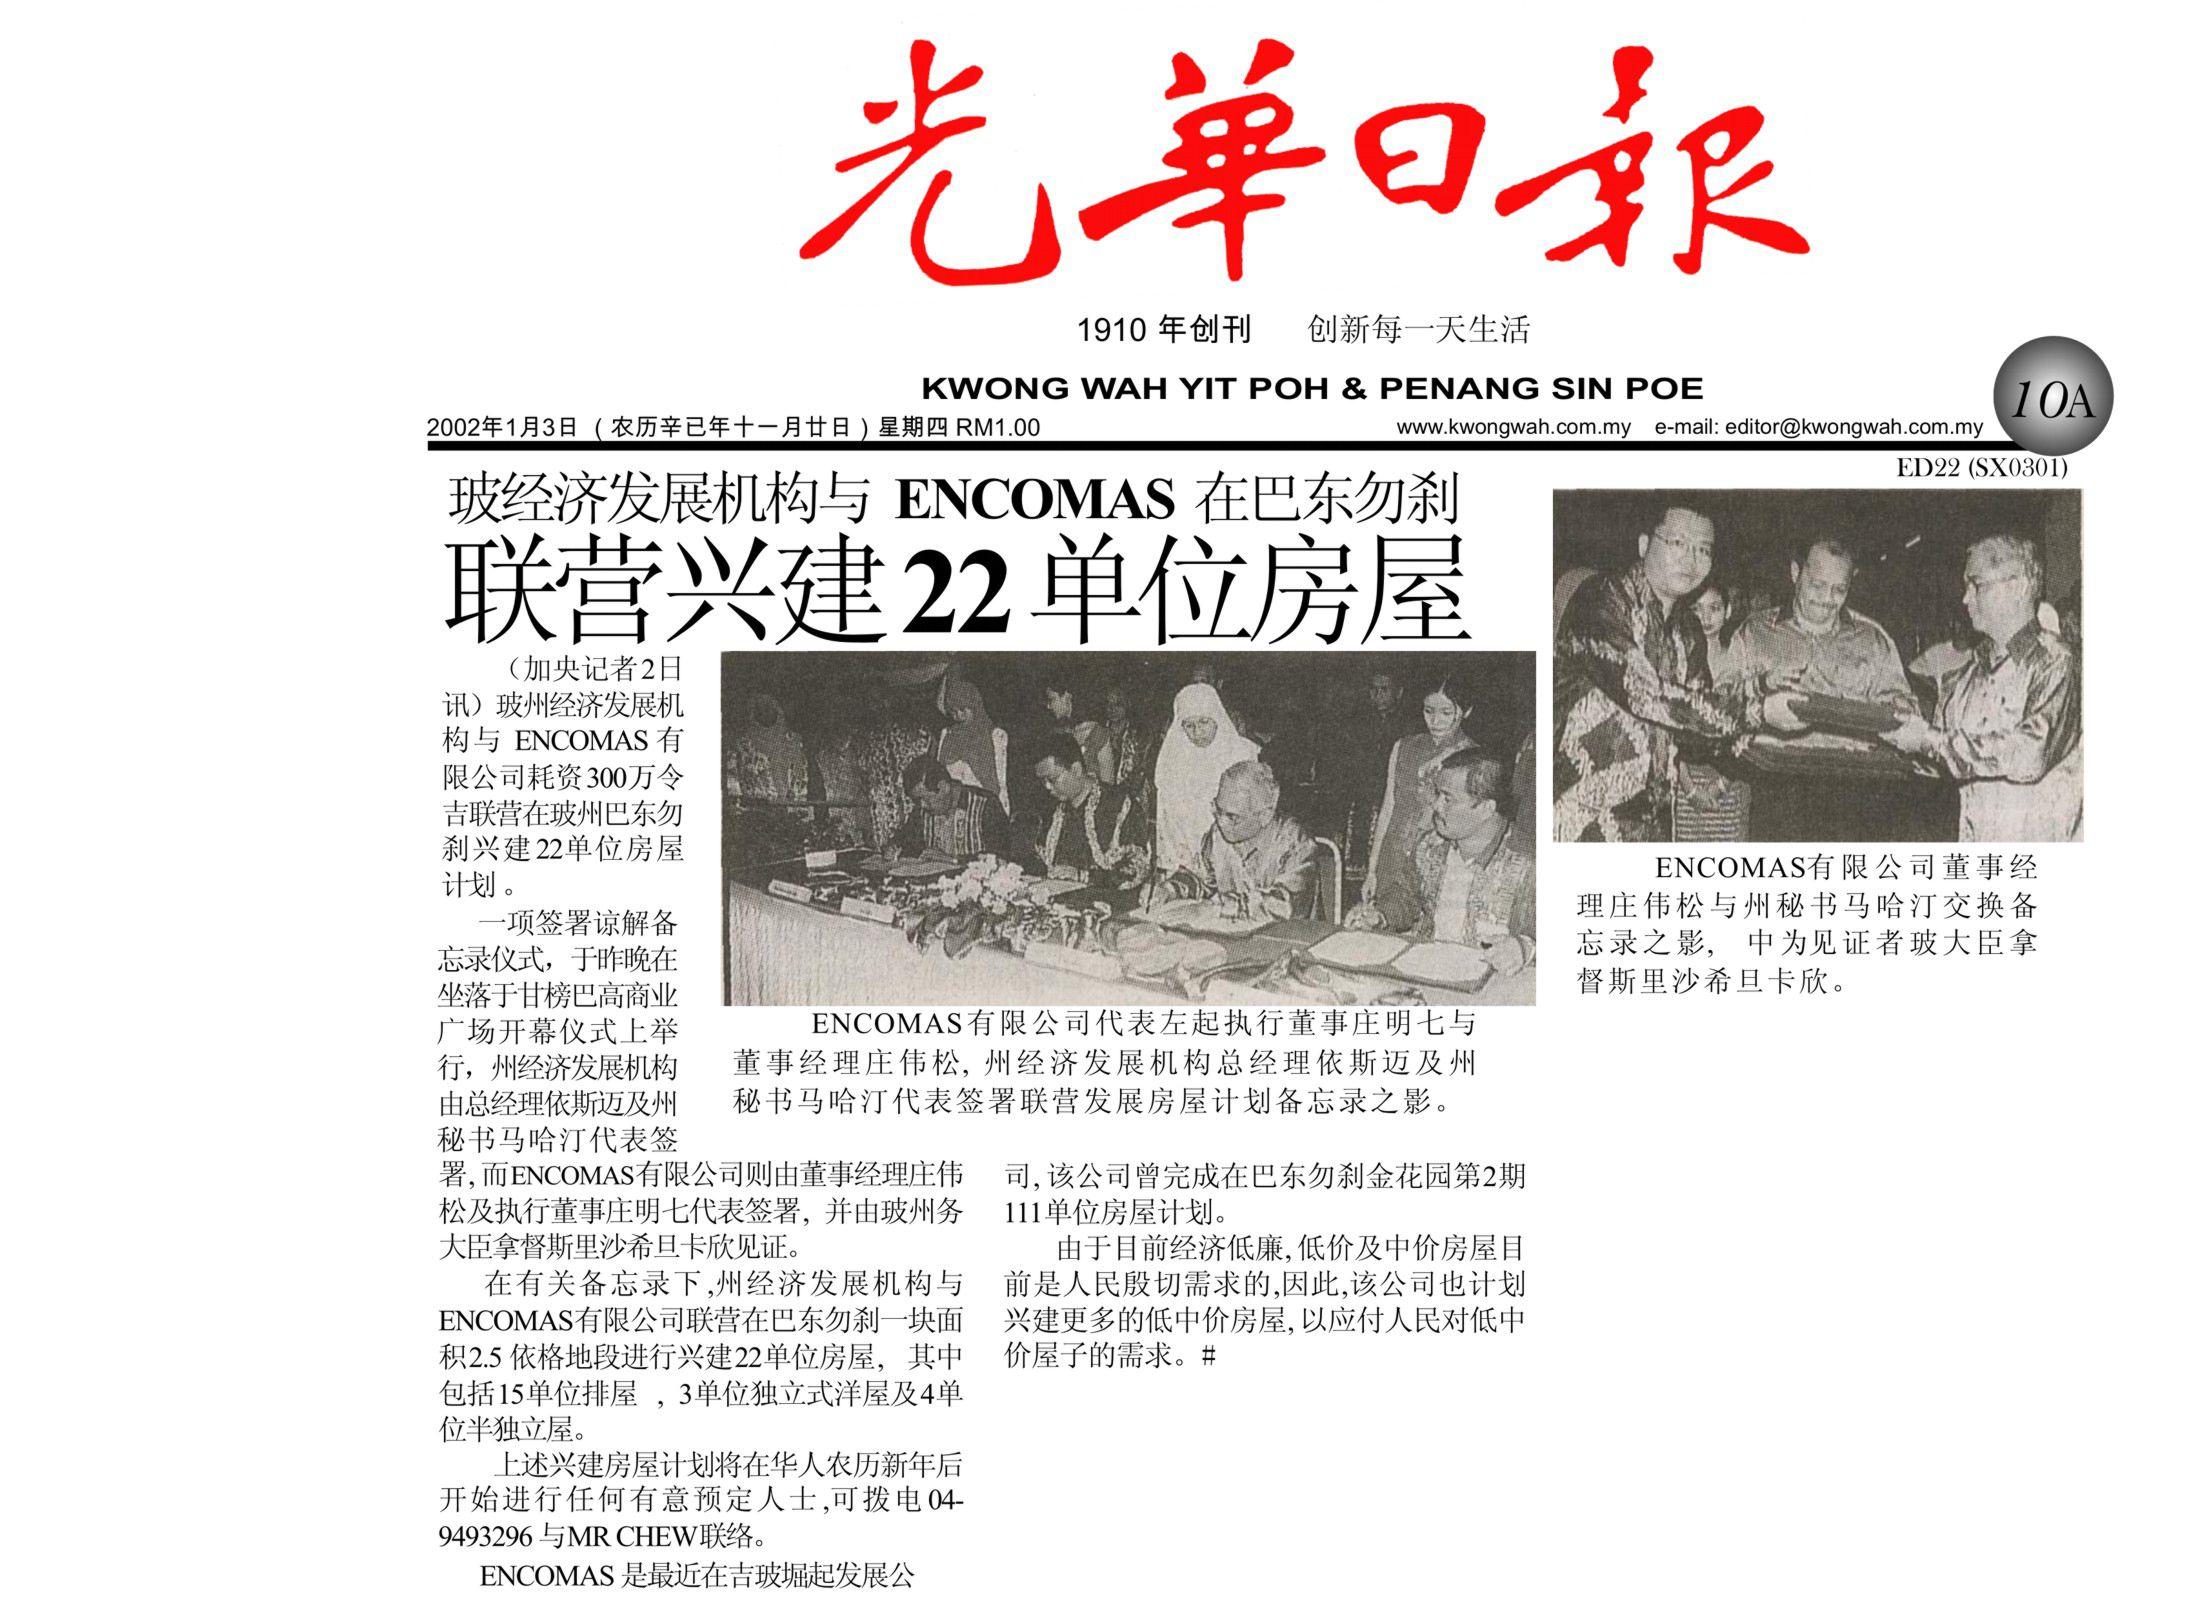 2002_01_03 Kwang Wah PKENPs laksana projek perumahan dengan Encomas